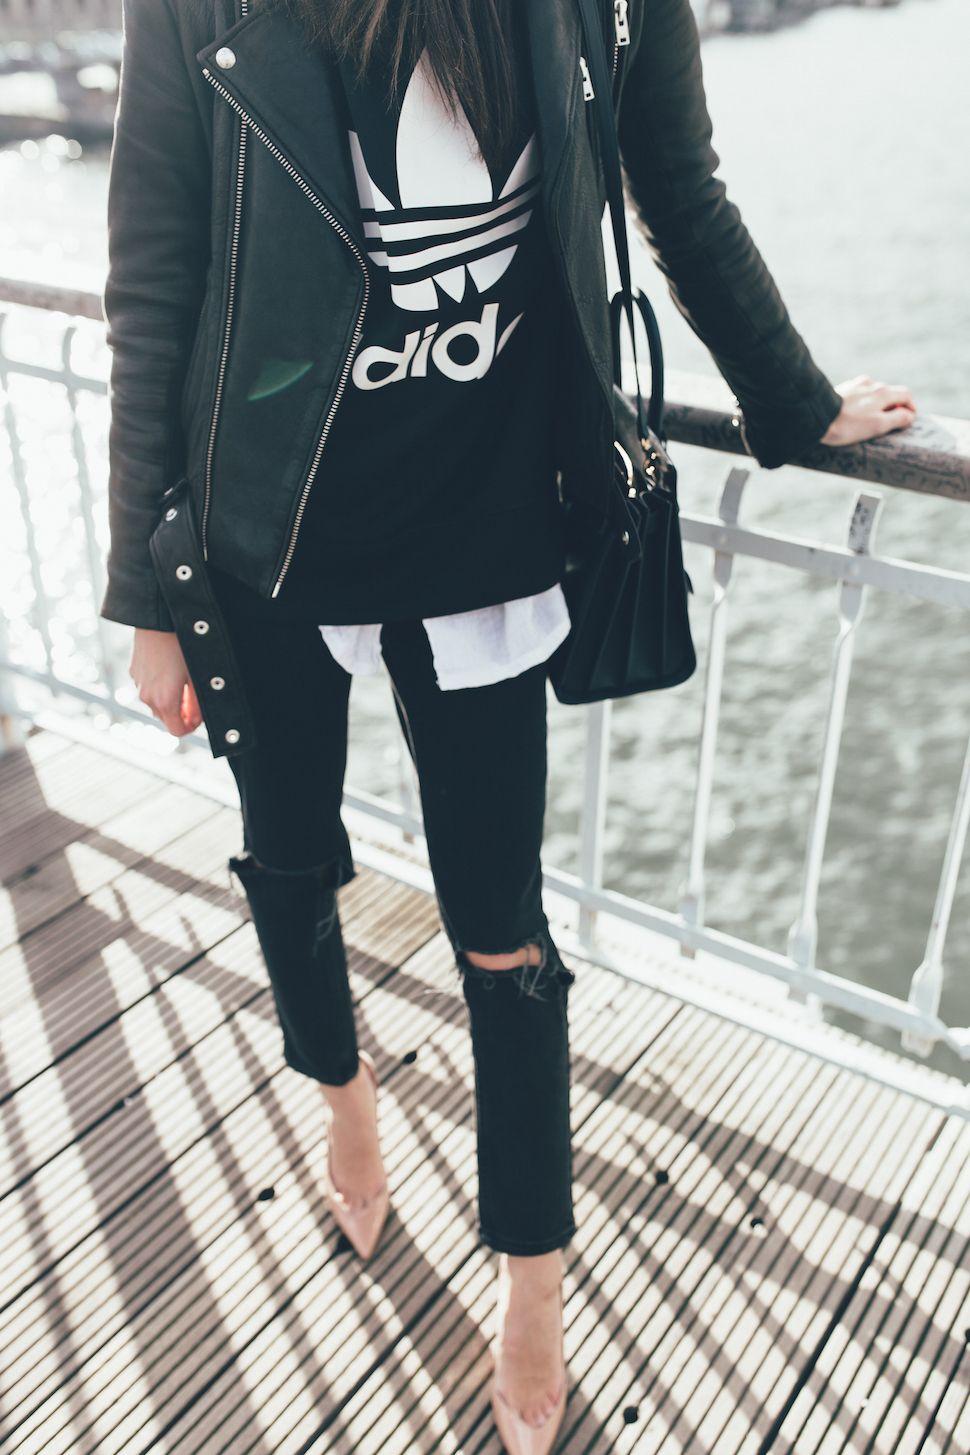 LoubiesTenueVêtements Black N Black Tenues Et jqA5L43R